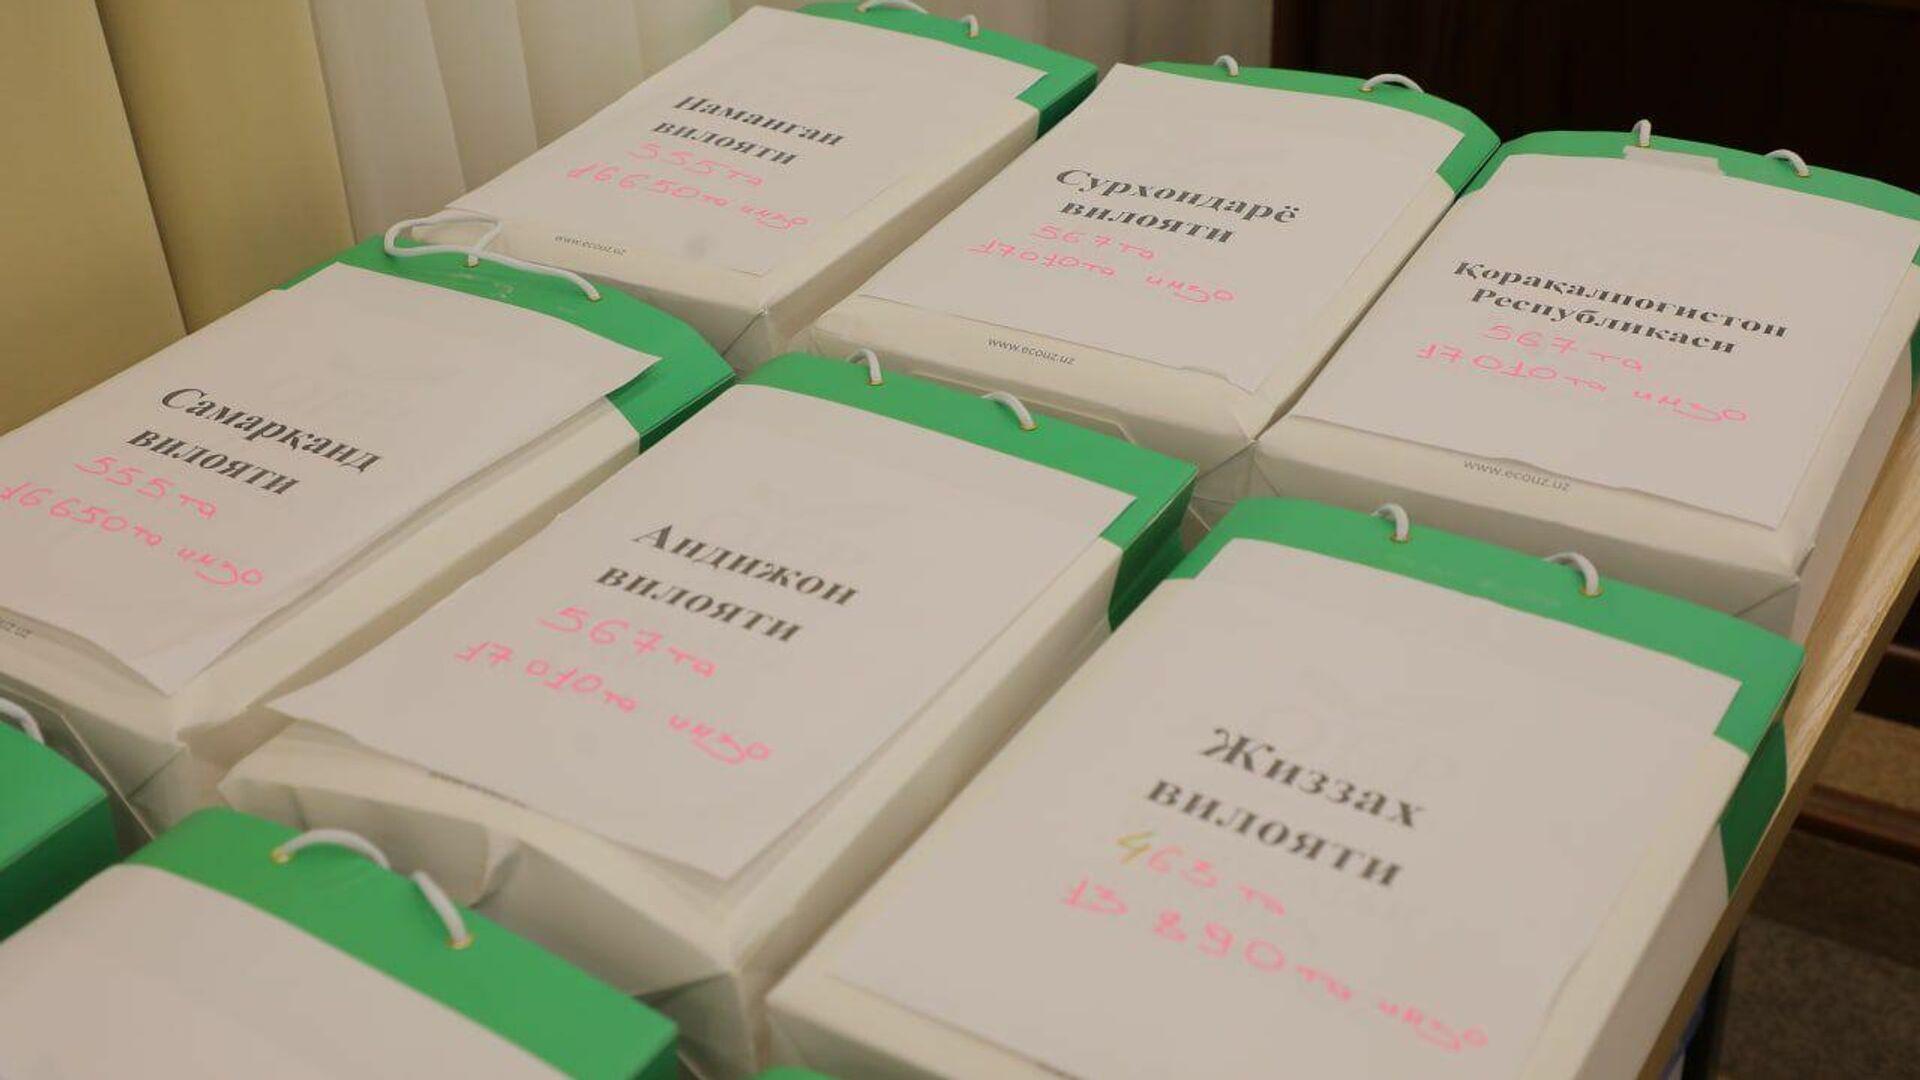 Подписные листы за кандидата в президенты от Экологической партии Узбекистана - Sputnik Узбекистан, 1920, 08.09.2021